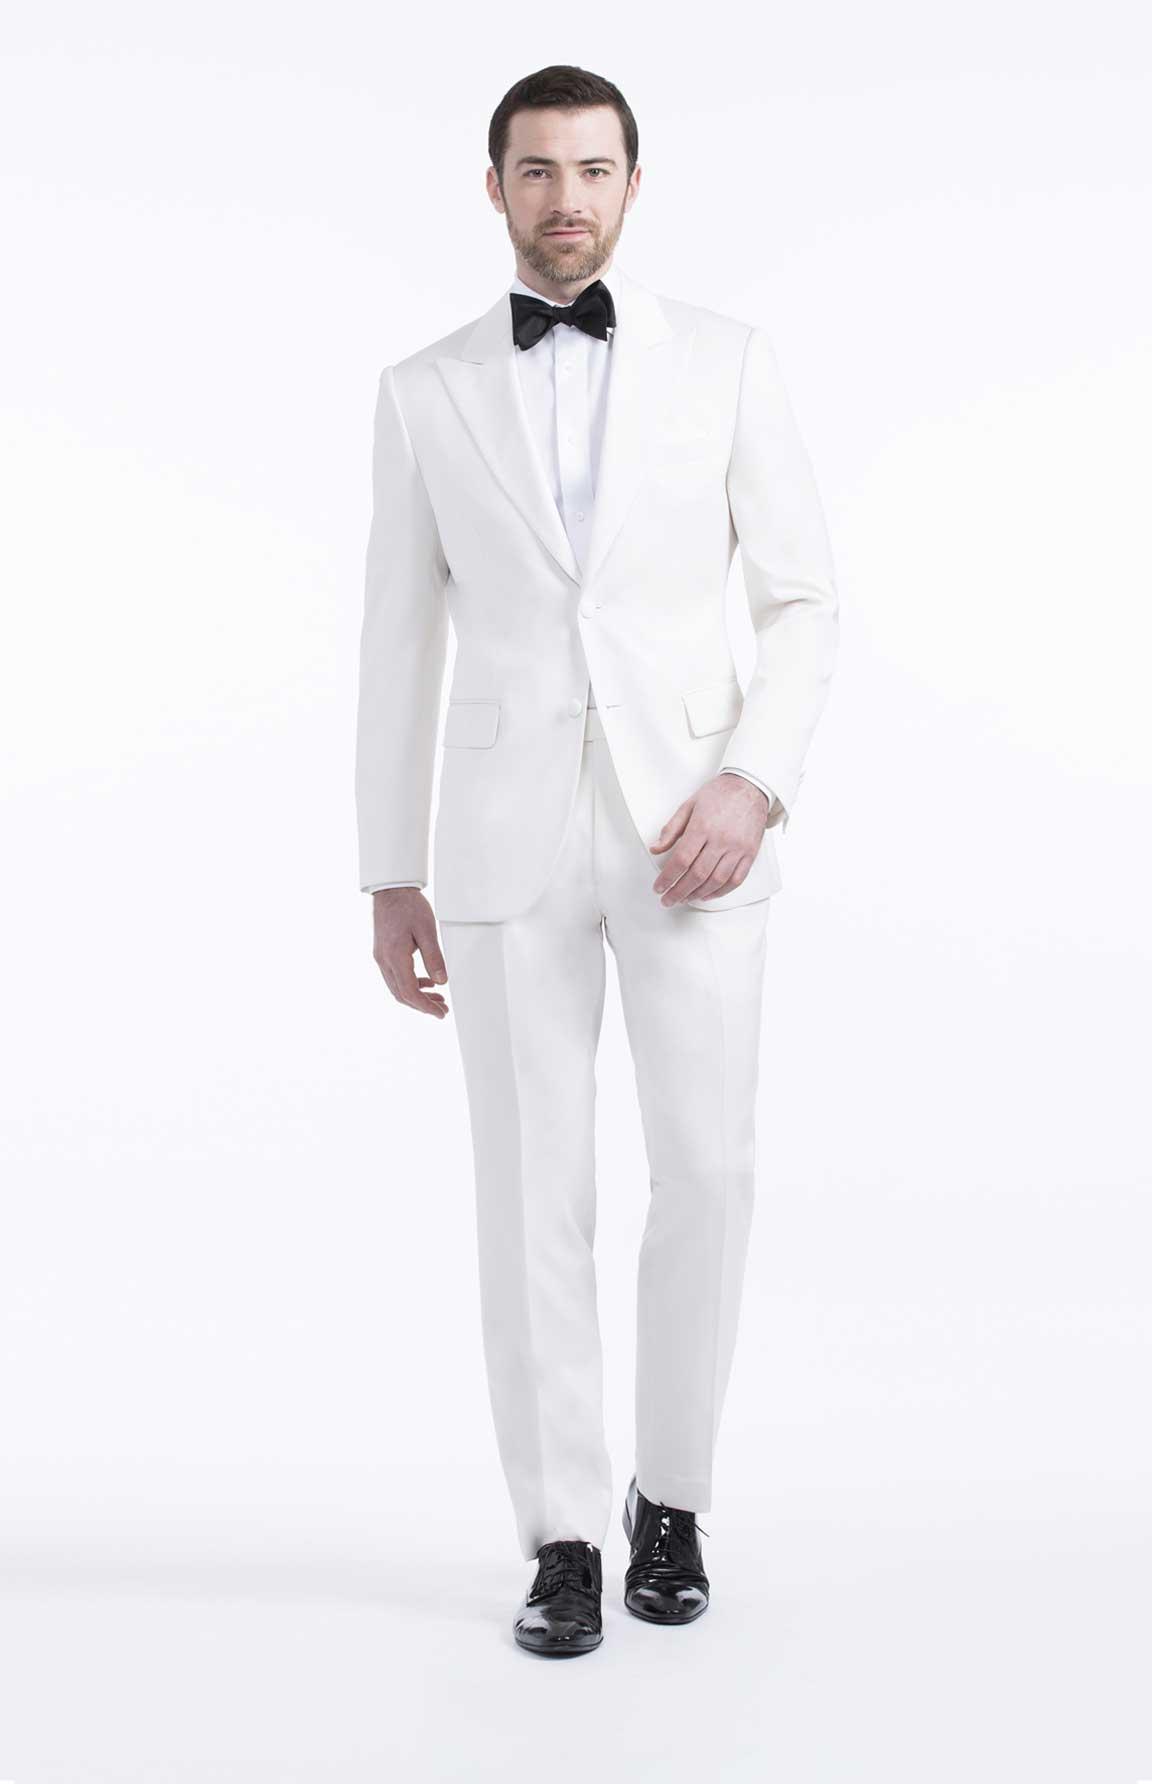 Our Premium White Tuxedo